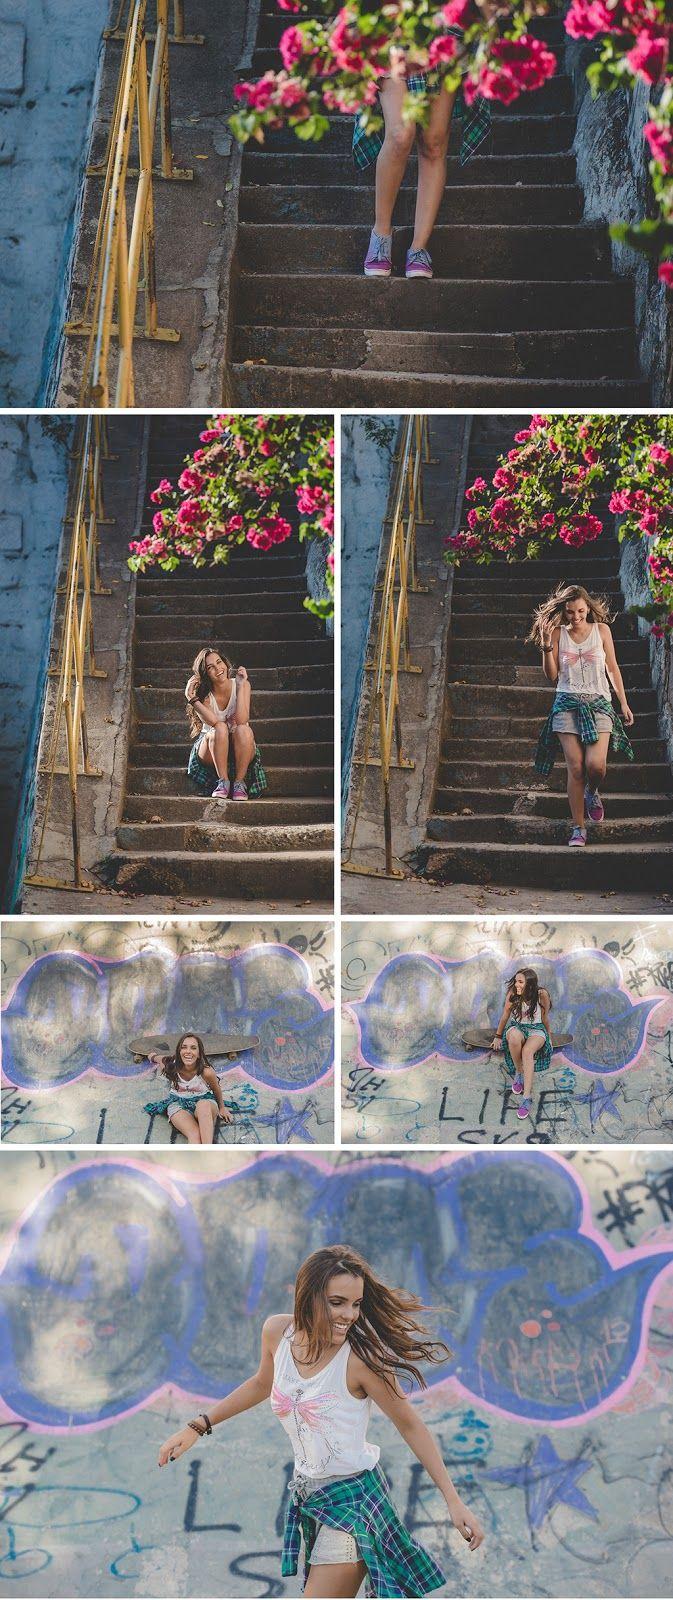 Bebel Tostes Fator Quinze Fotografia - Flores - Rua - Rampa - Grafite - Skate - 15 anos - Fator Quinze - Foto - Fotografia - Foto com luzes - Light - Lindas - Laranja - Vermelho - Branco - Rosa - Debutante - Foto de 15 anos - Quinze Anos